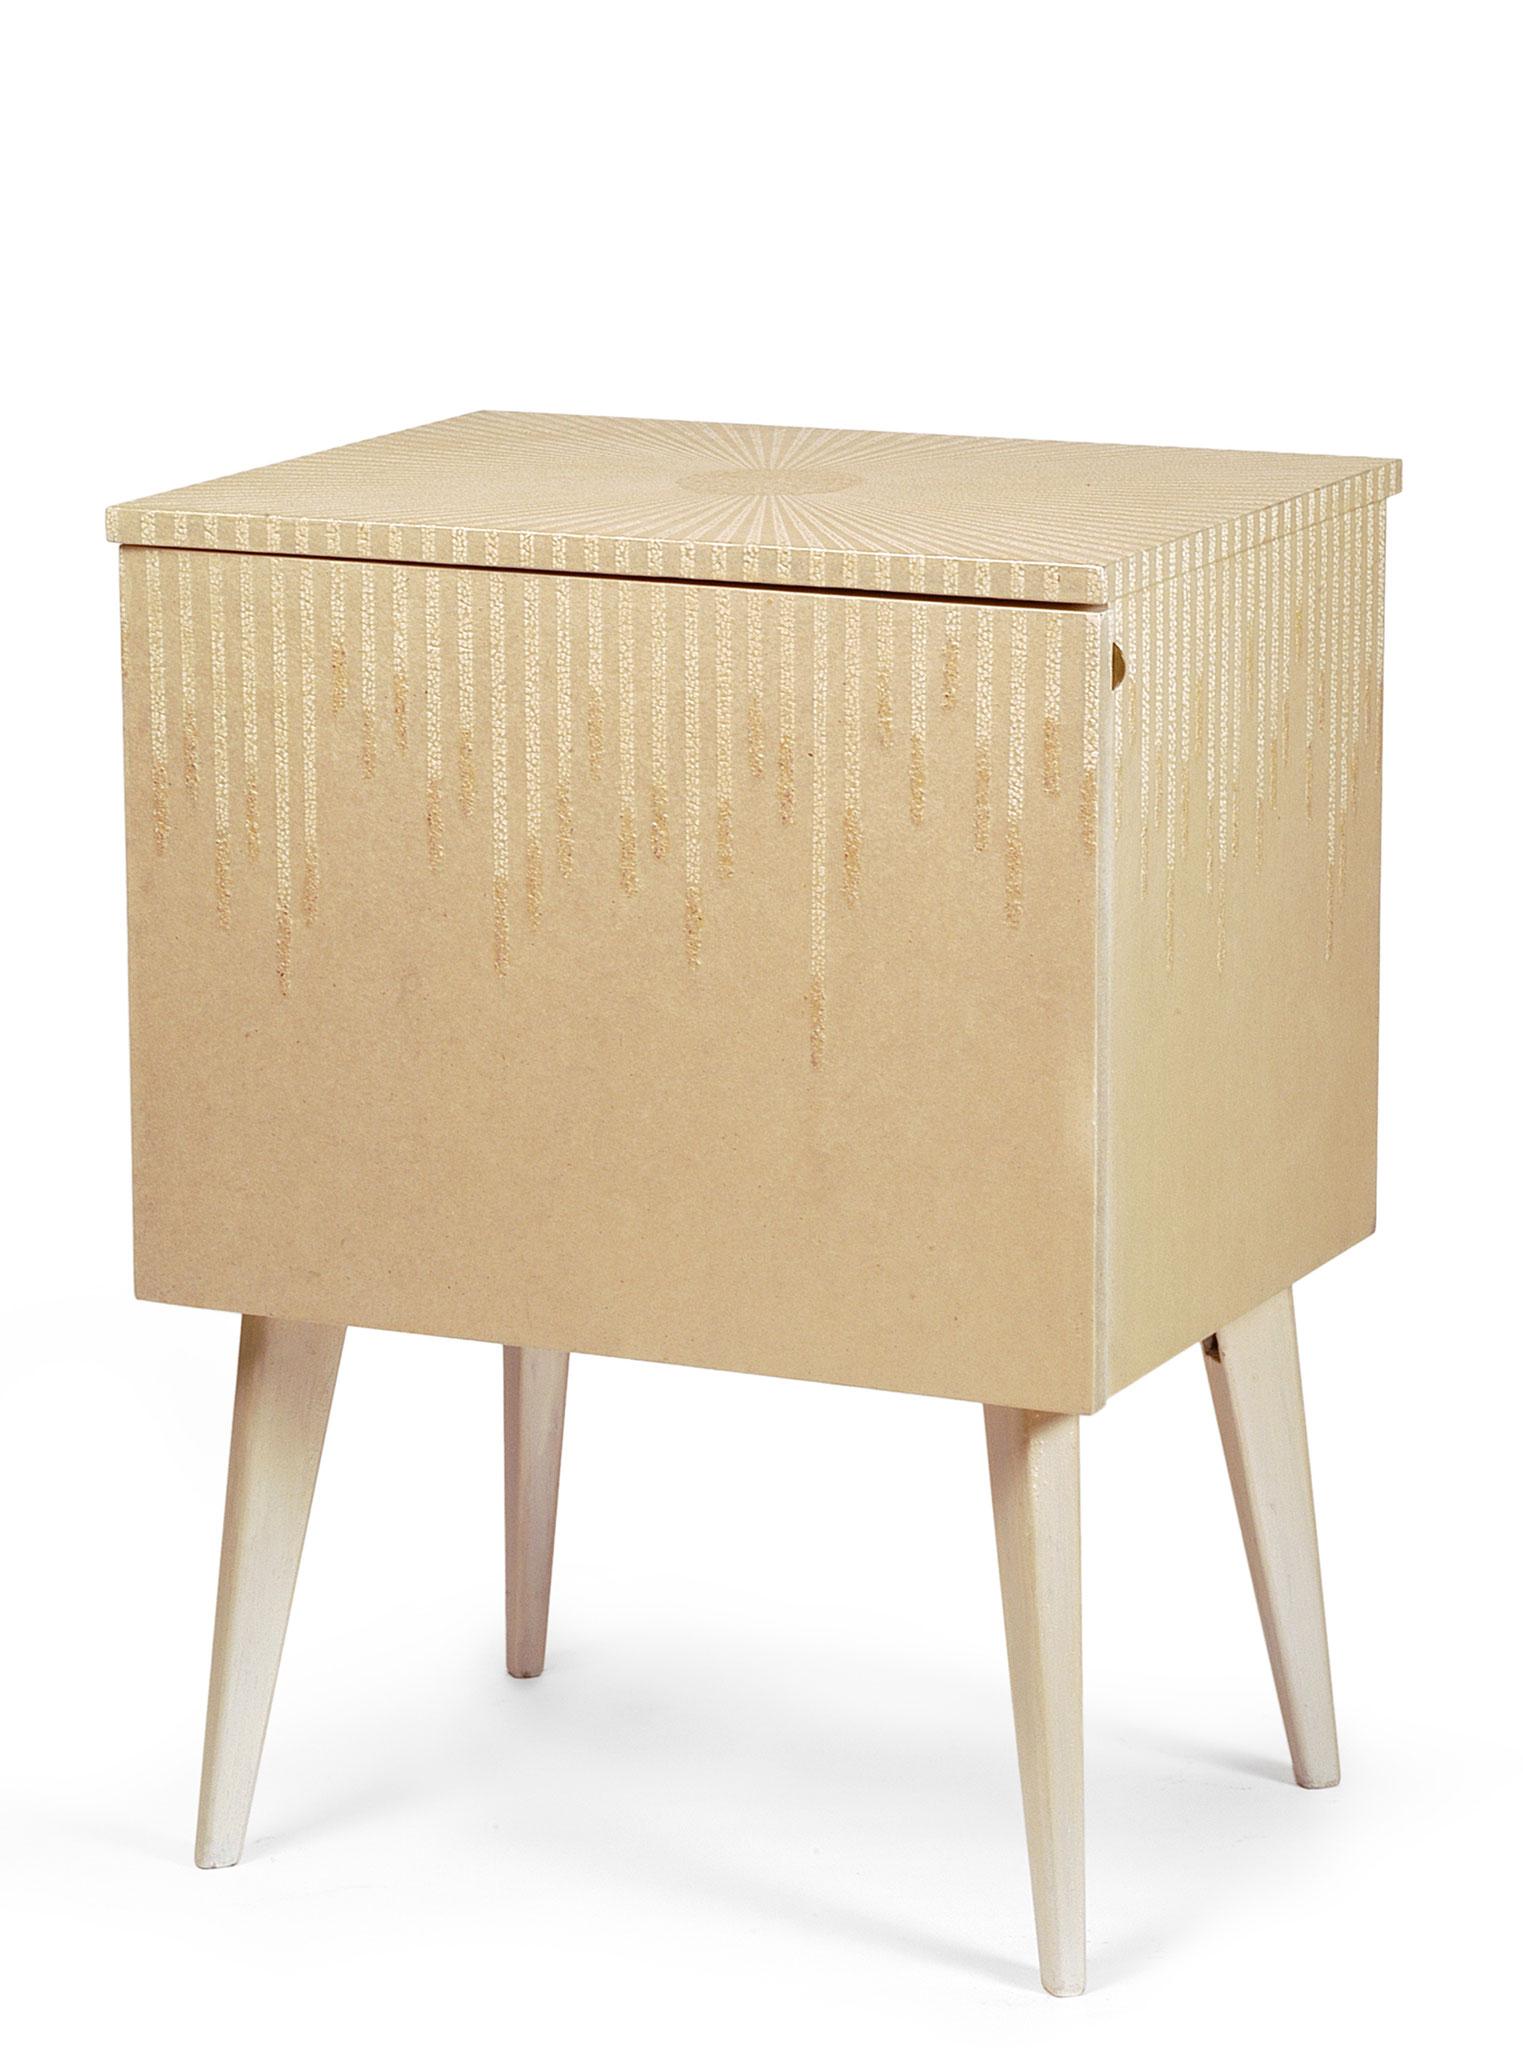 Commode laquée avec incrustation de coquilles d'œufs - Ancien meuble des années 40 - 75 x 57 x 43 cm